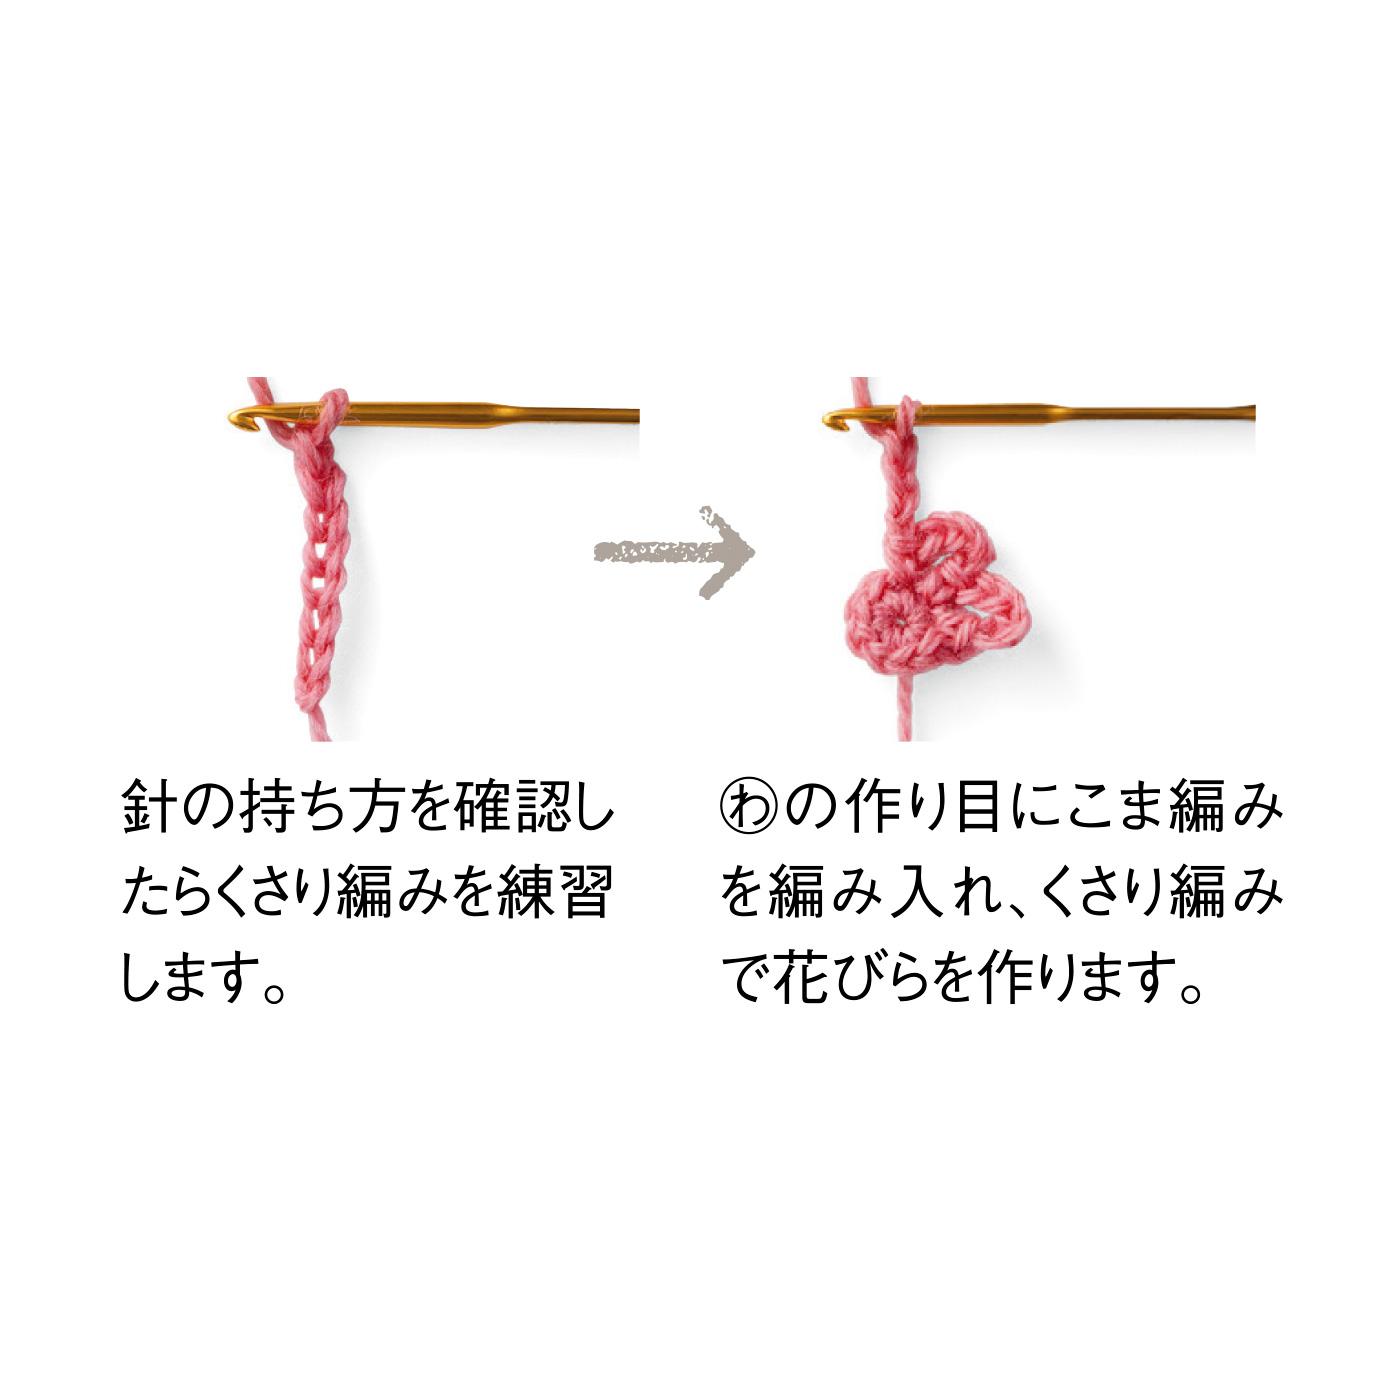 持ち方、くさり編みの練習から。初めての人でも安心の説明書。